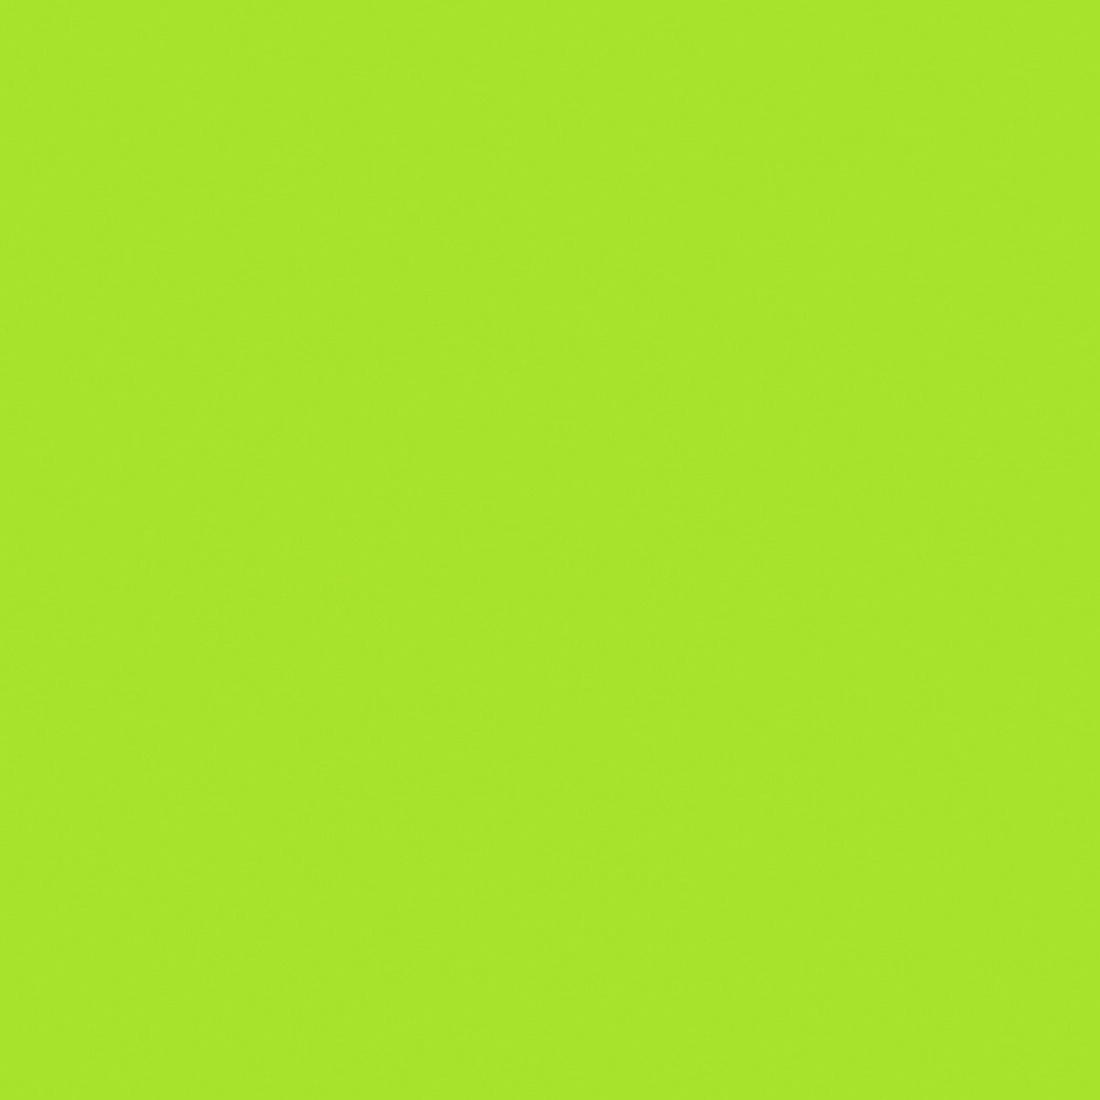 Tabelle-1-Dekor-LimonengrasD0pQoaB0CH2Pz